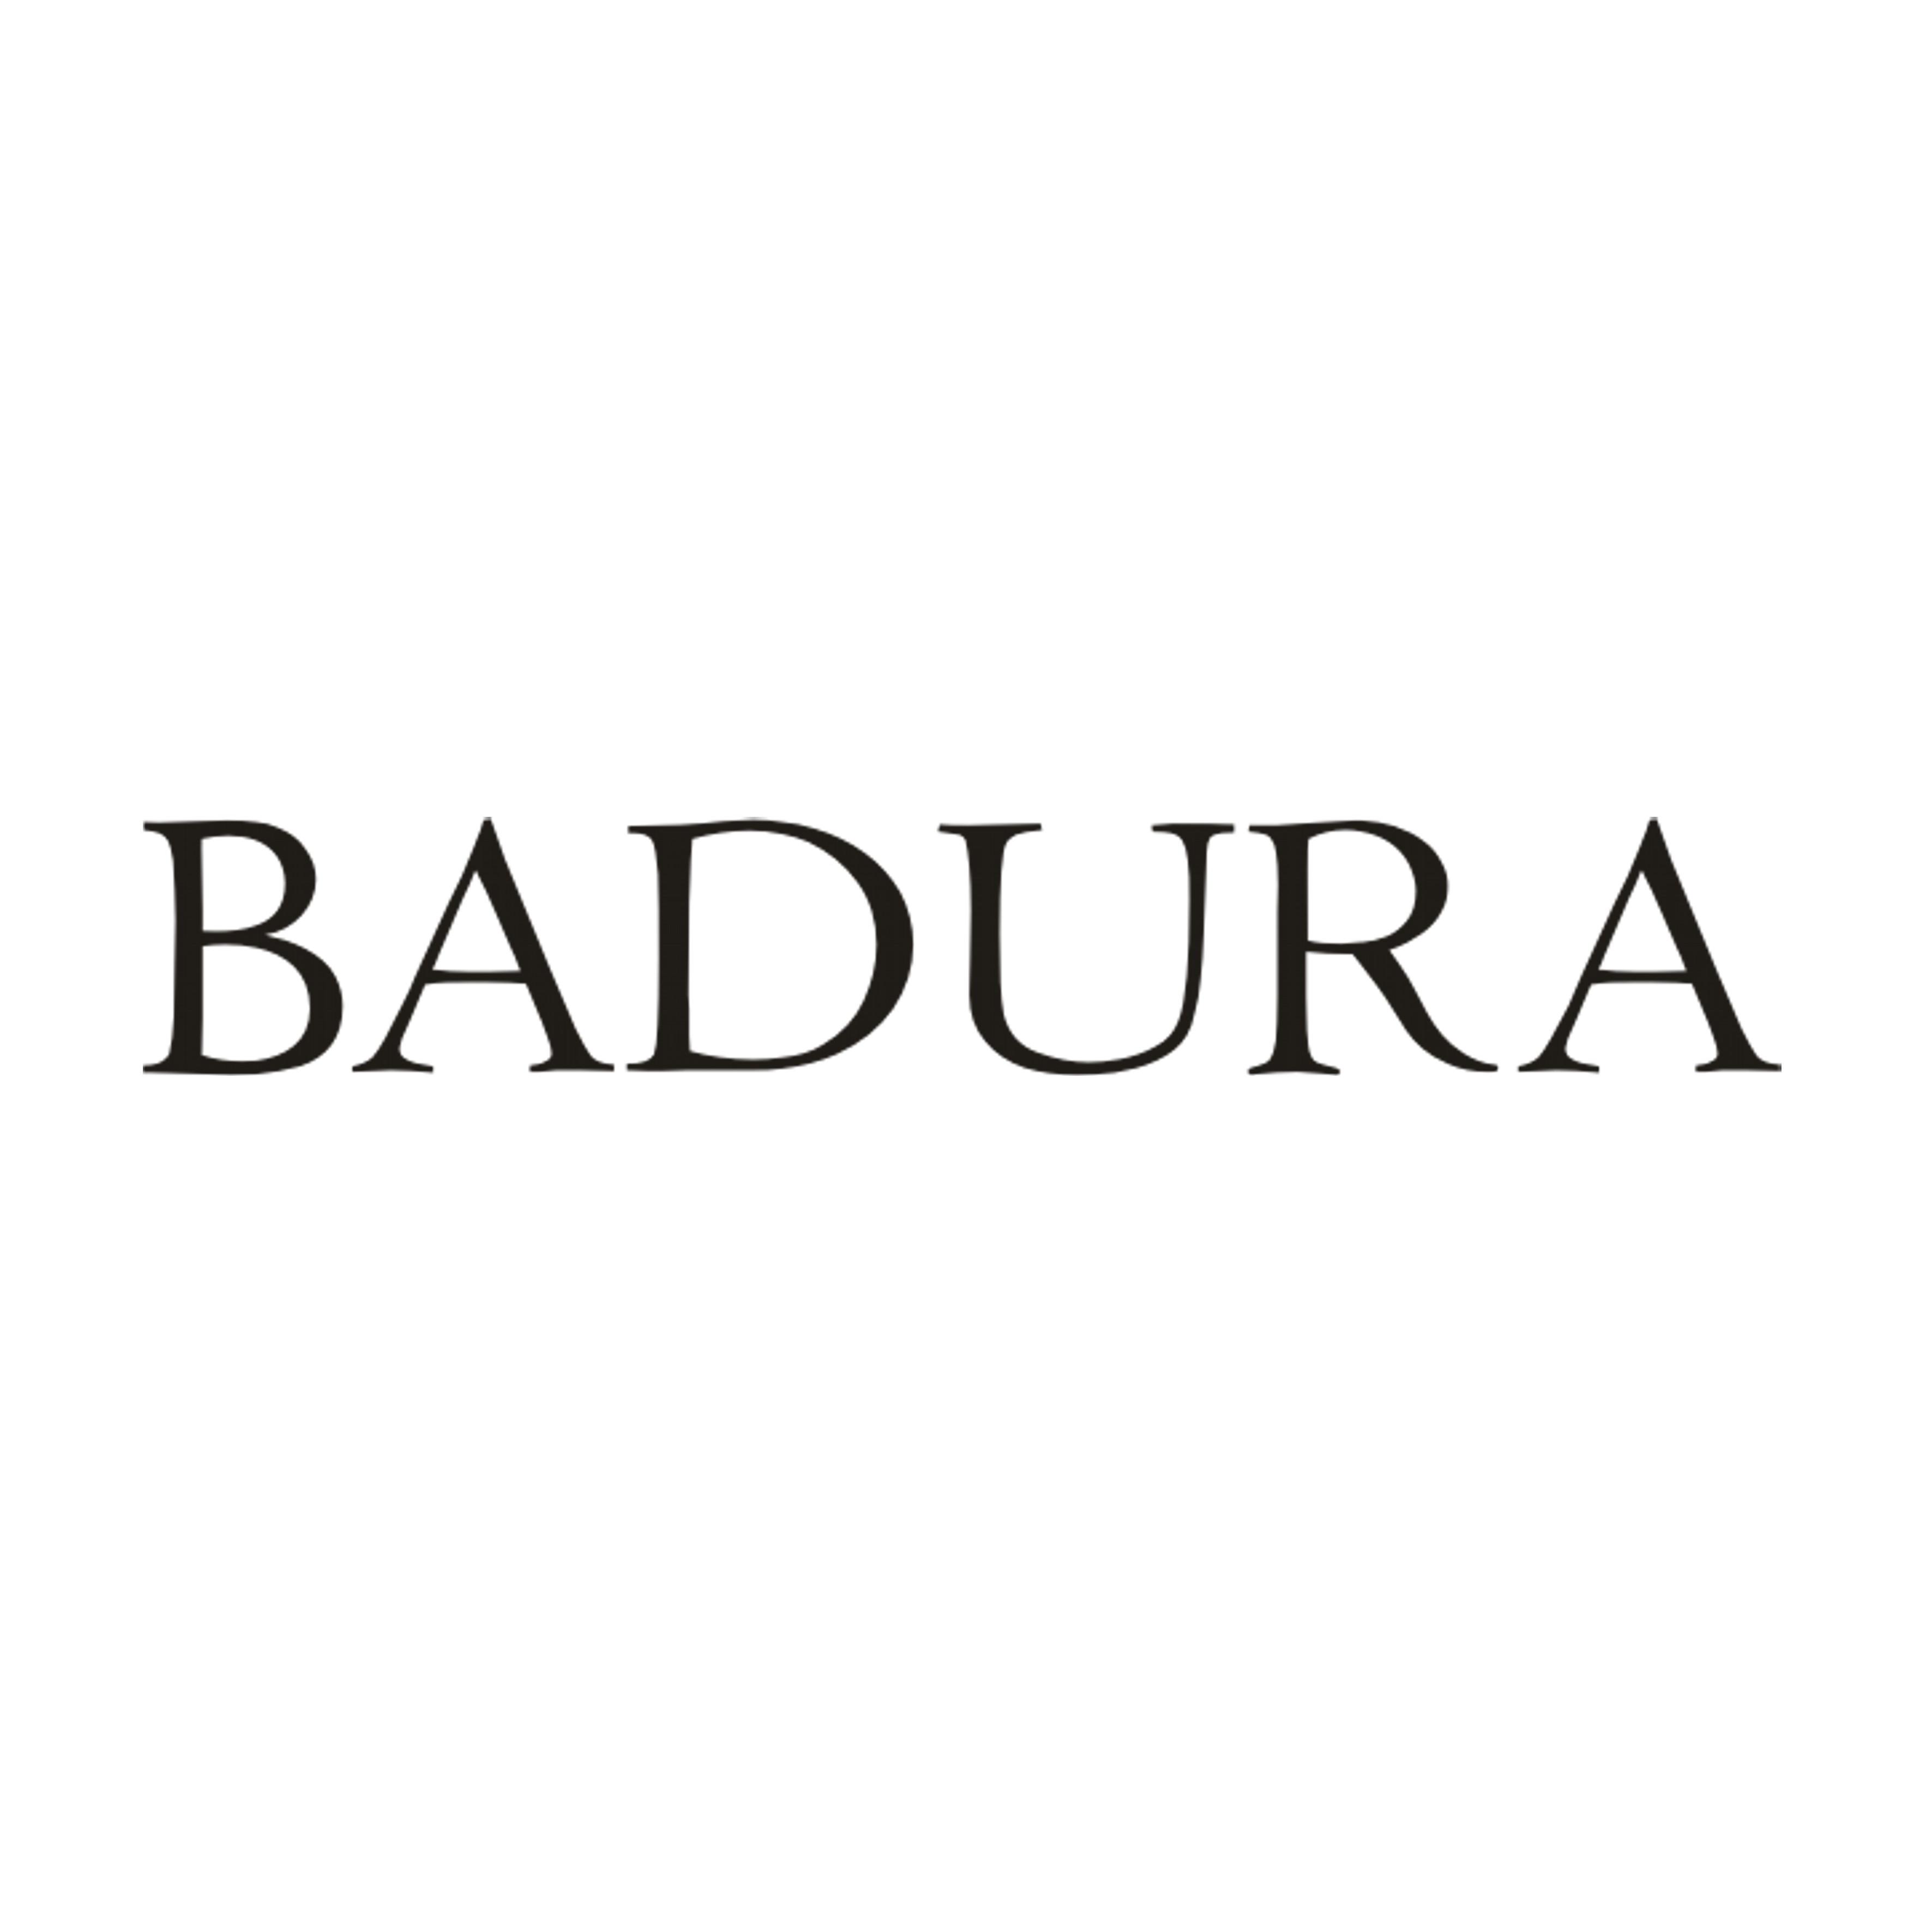 Badura original